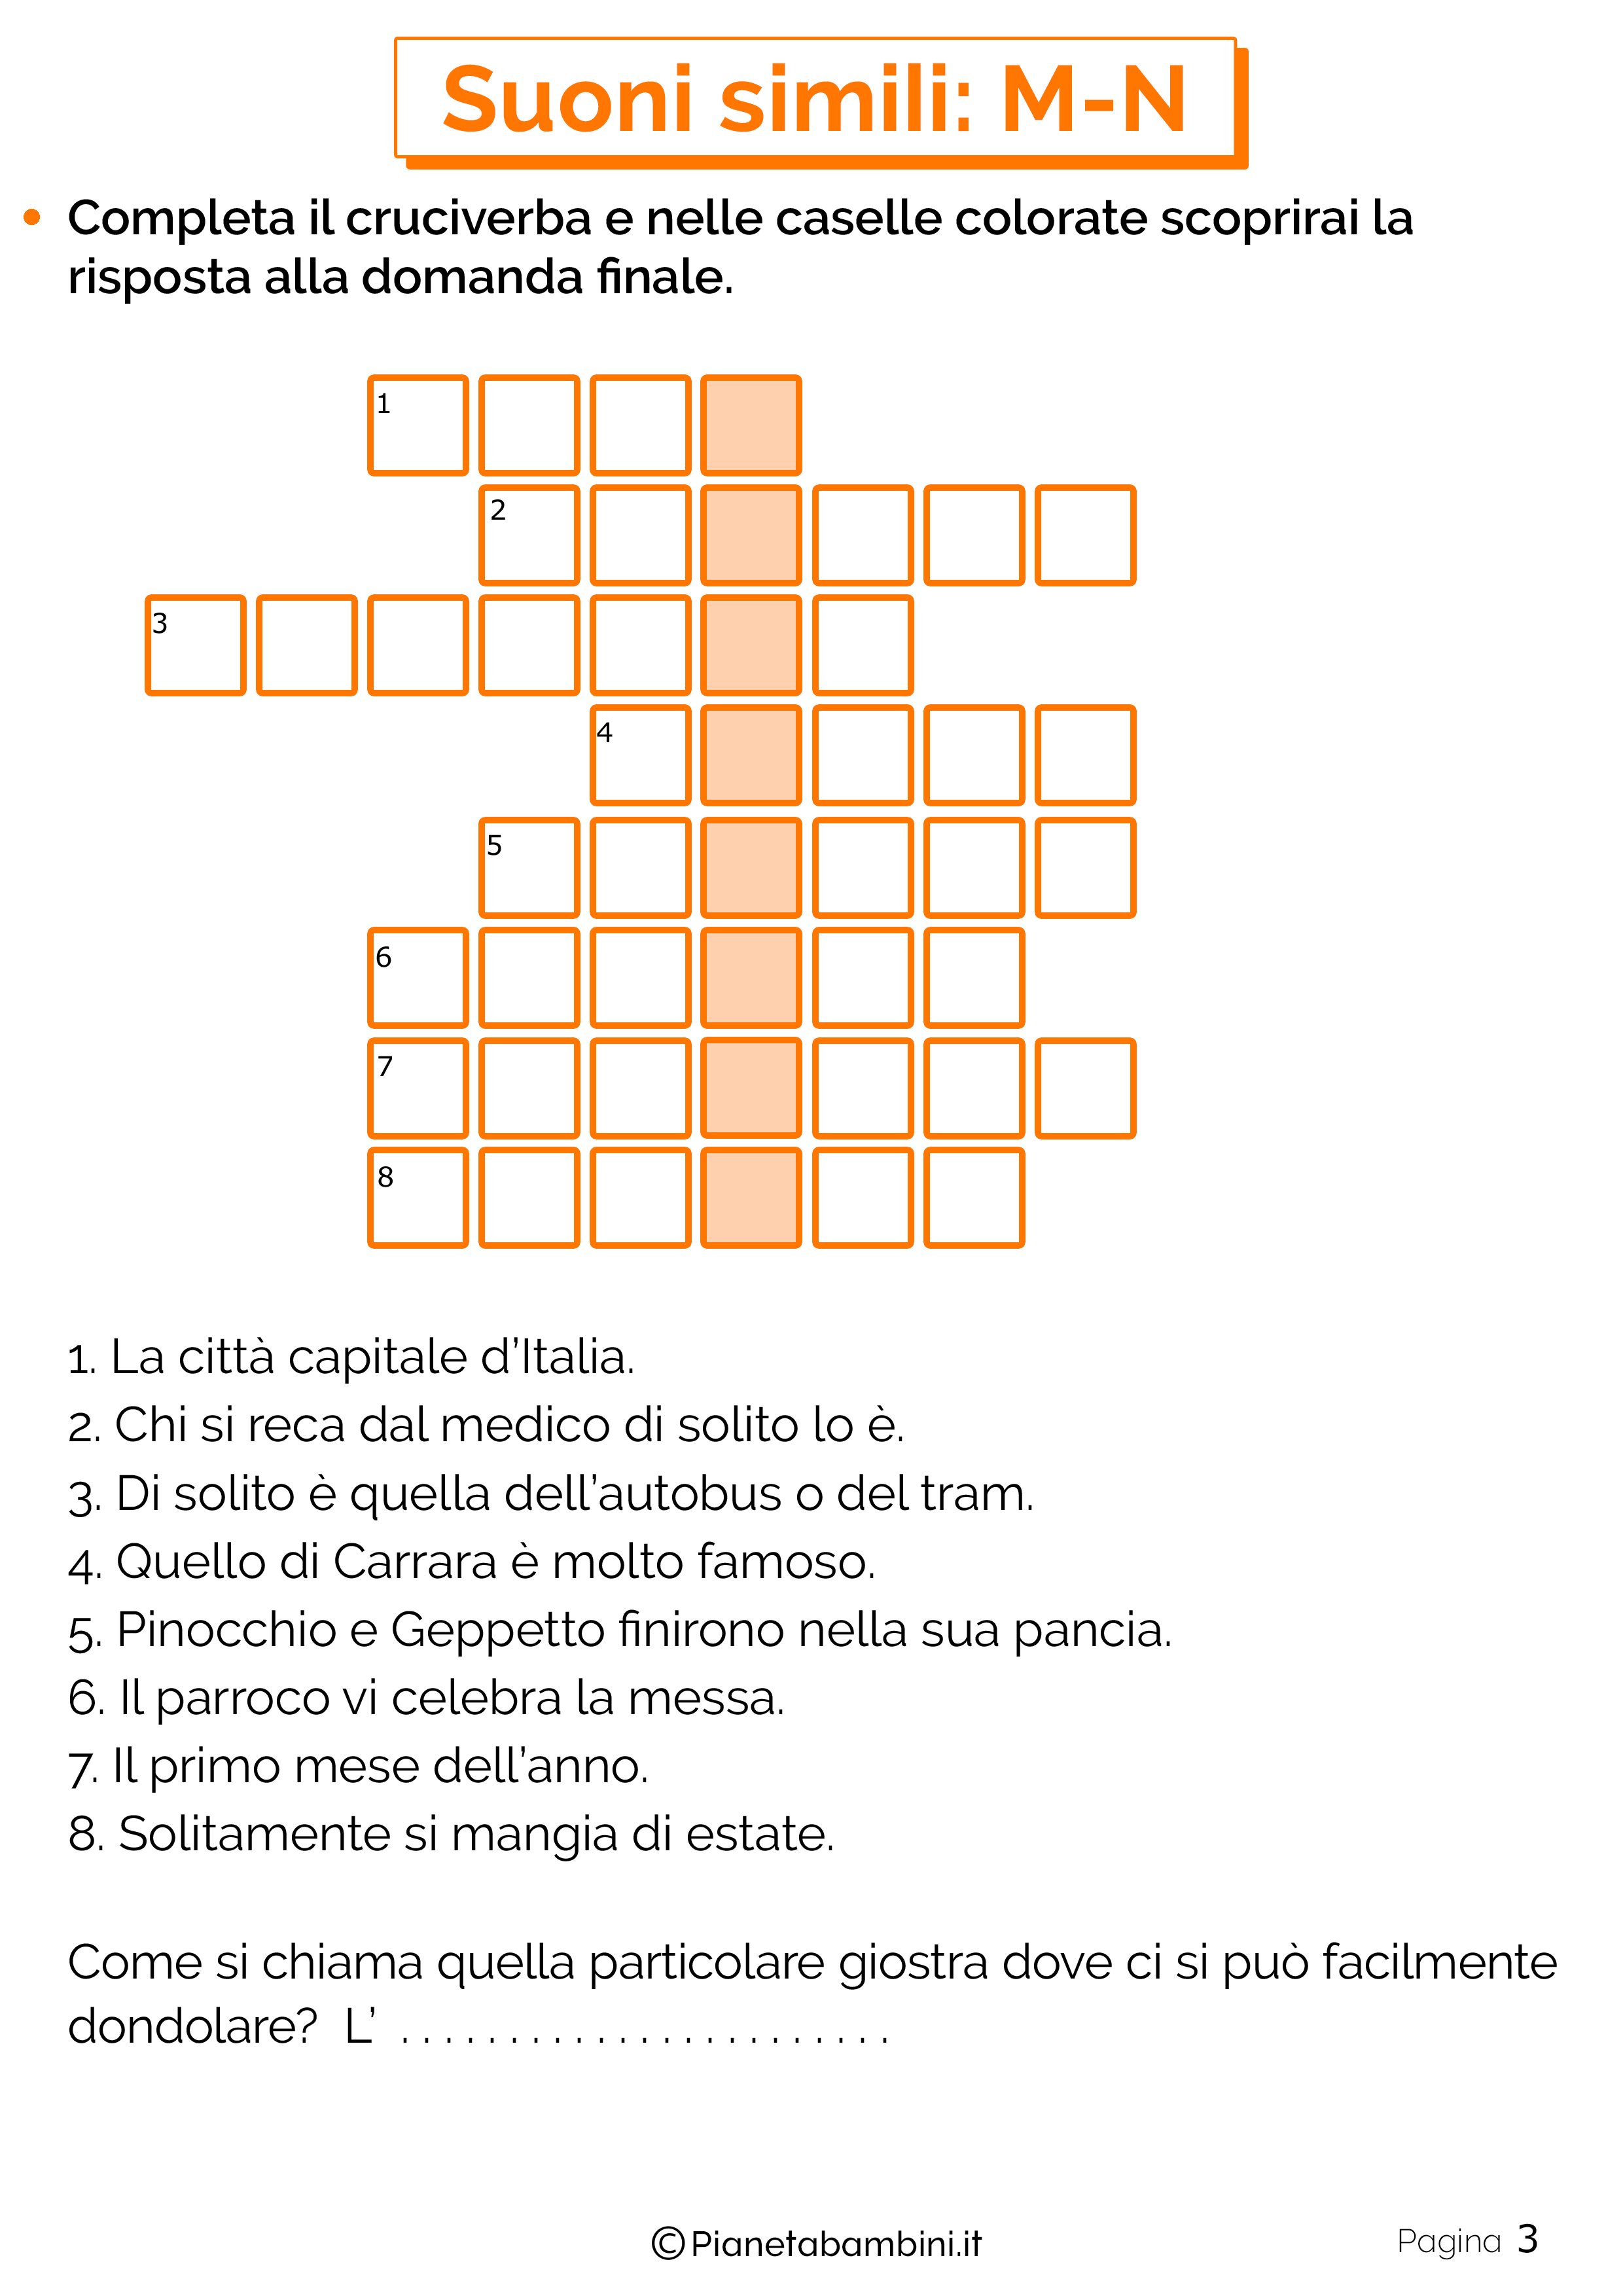 Schede didattiche sui suoni simili M-N pagina 3